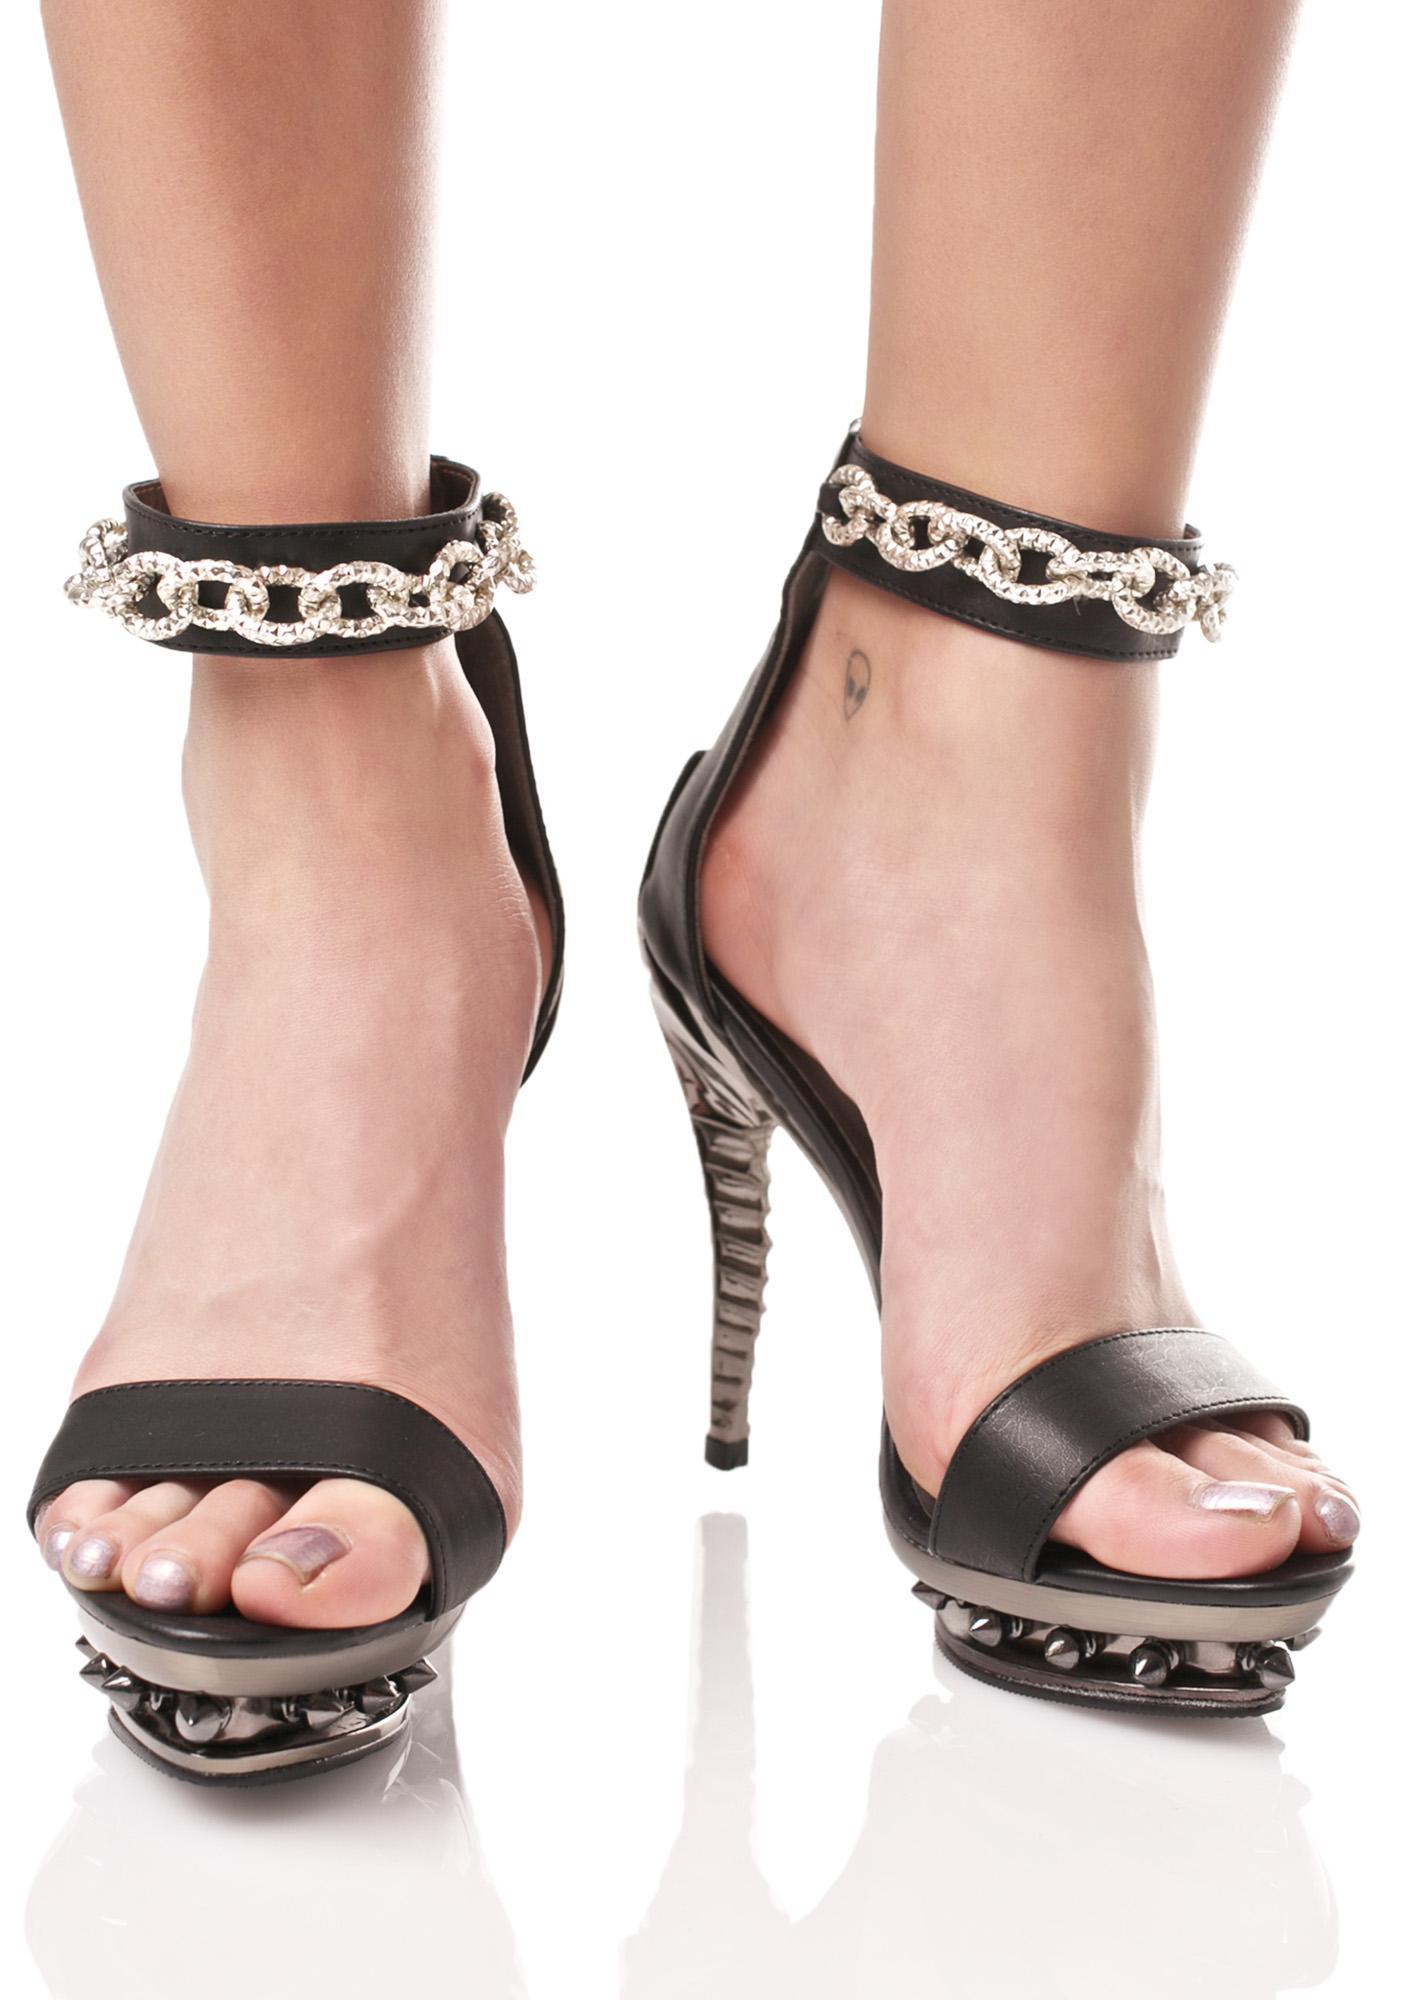 Hades Footwear Razor Heels